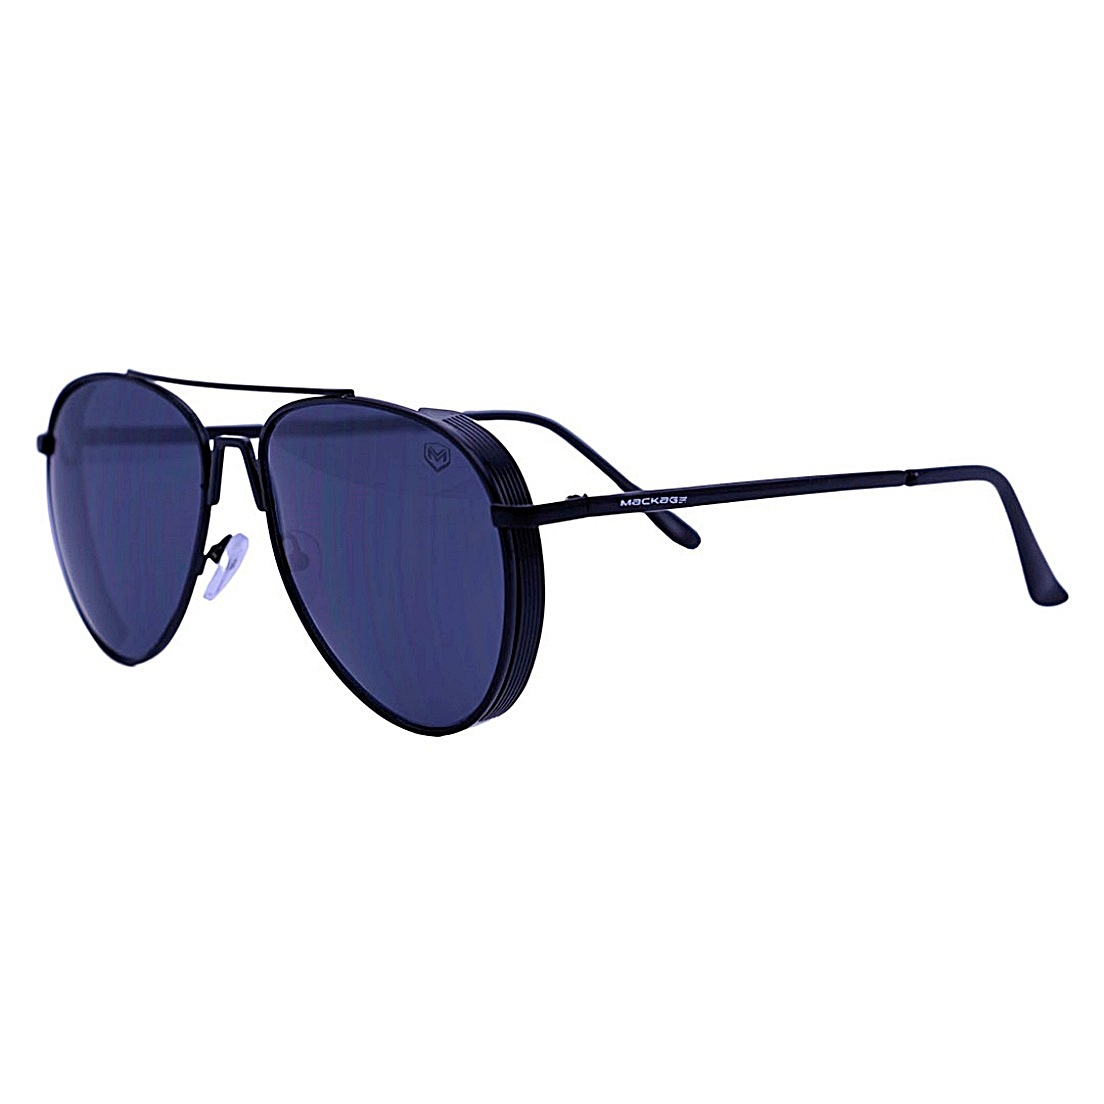 Óculos De Sol Mackage Masculino Metal Aviador Steampunk - Preto Fosco